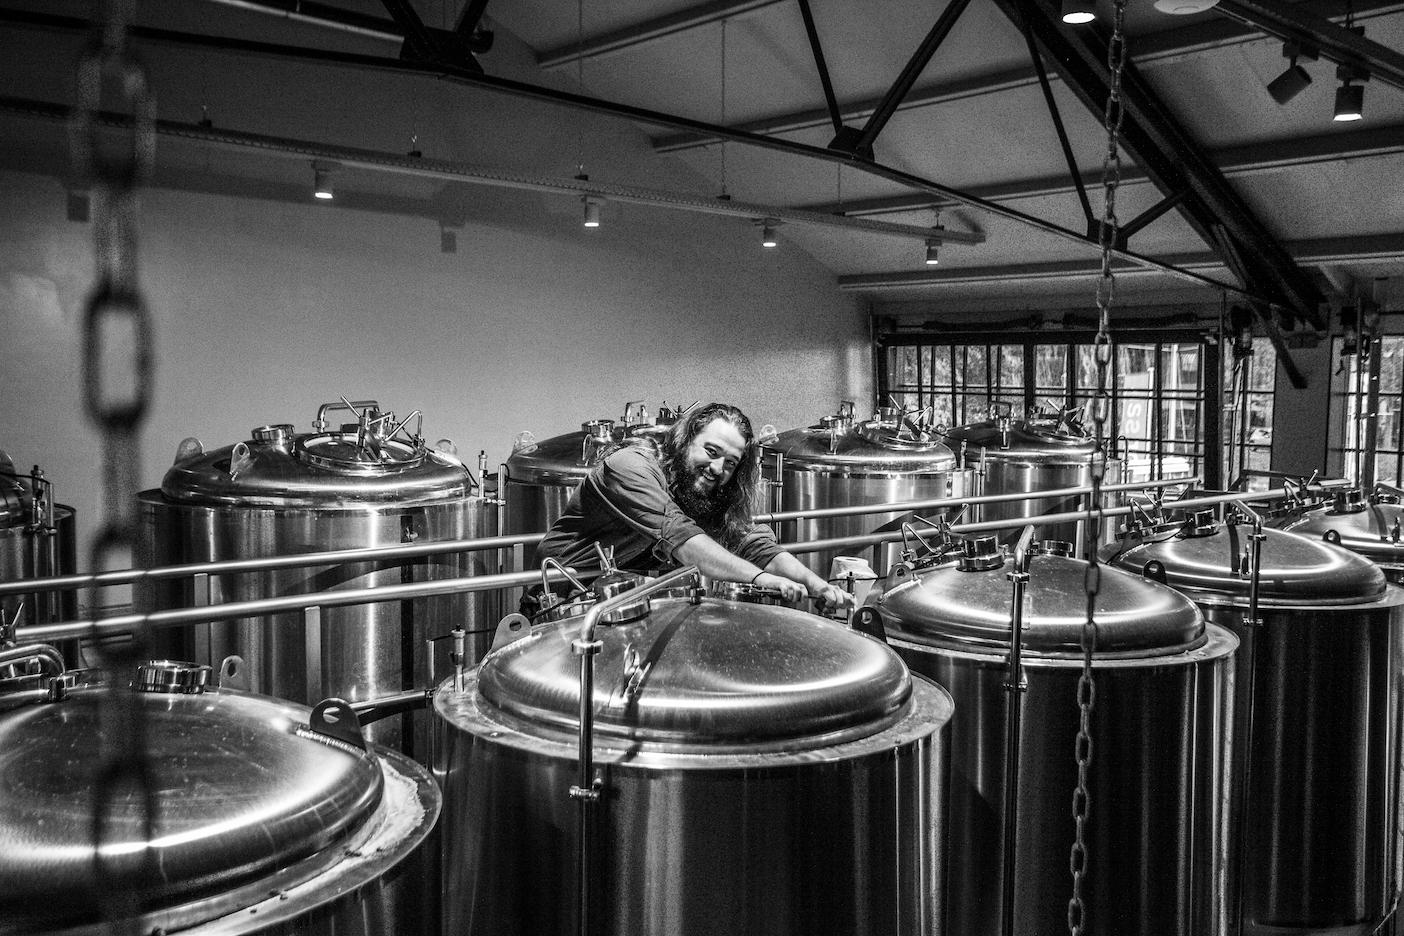 Johan van Brouwerij de Werf in Enkhuizen